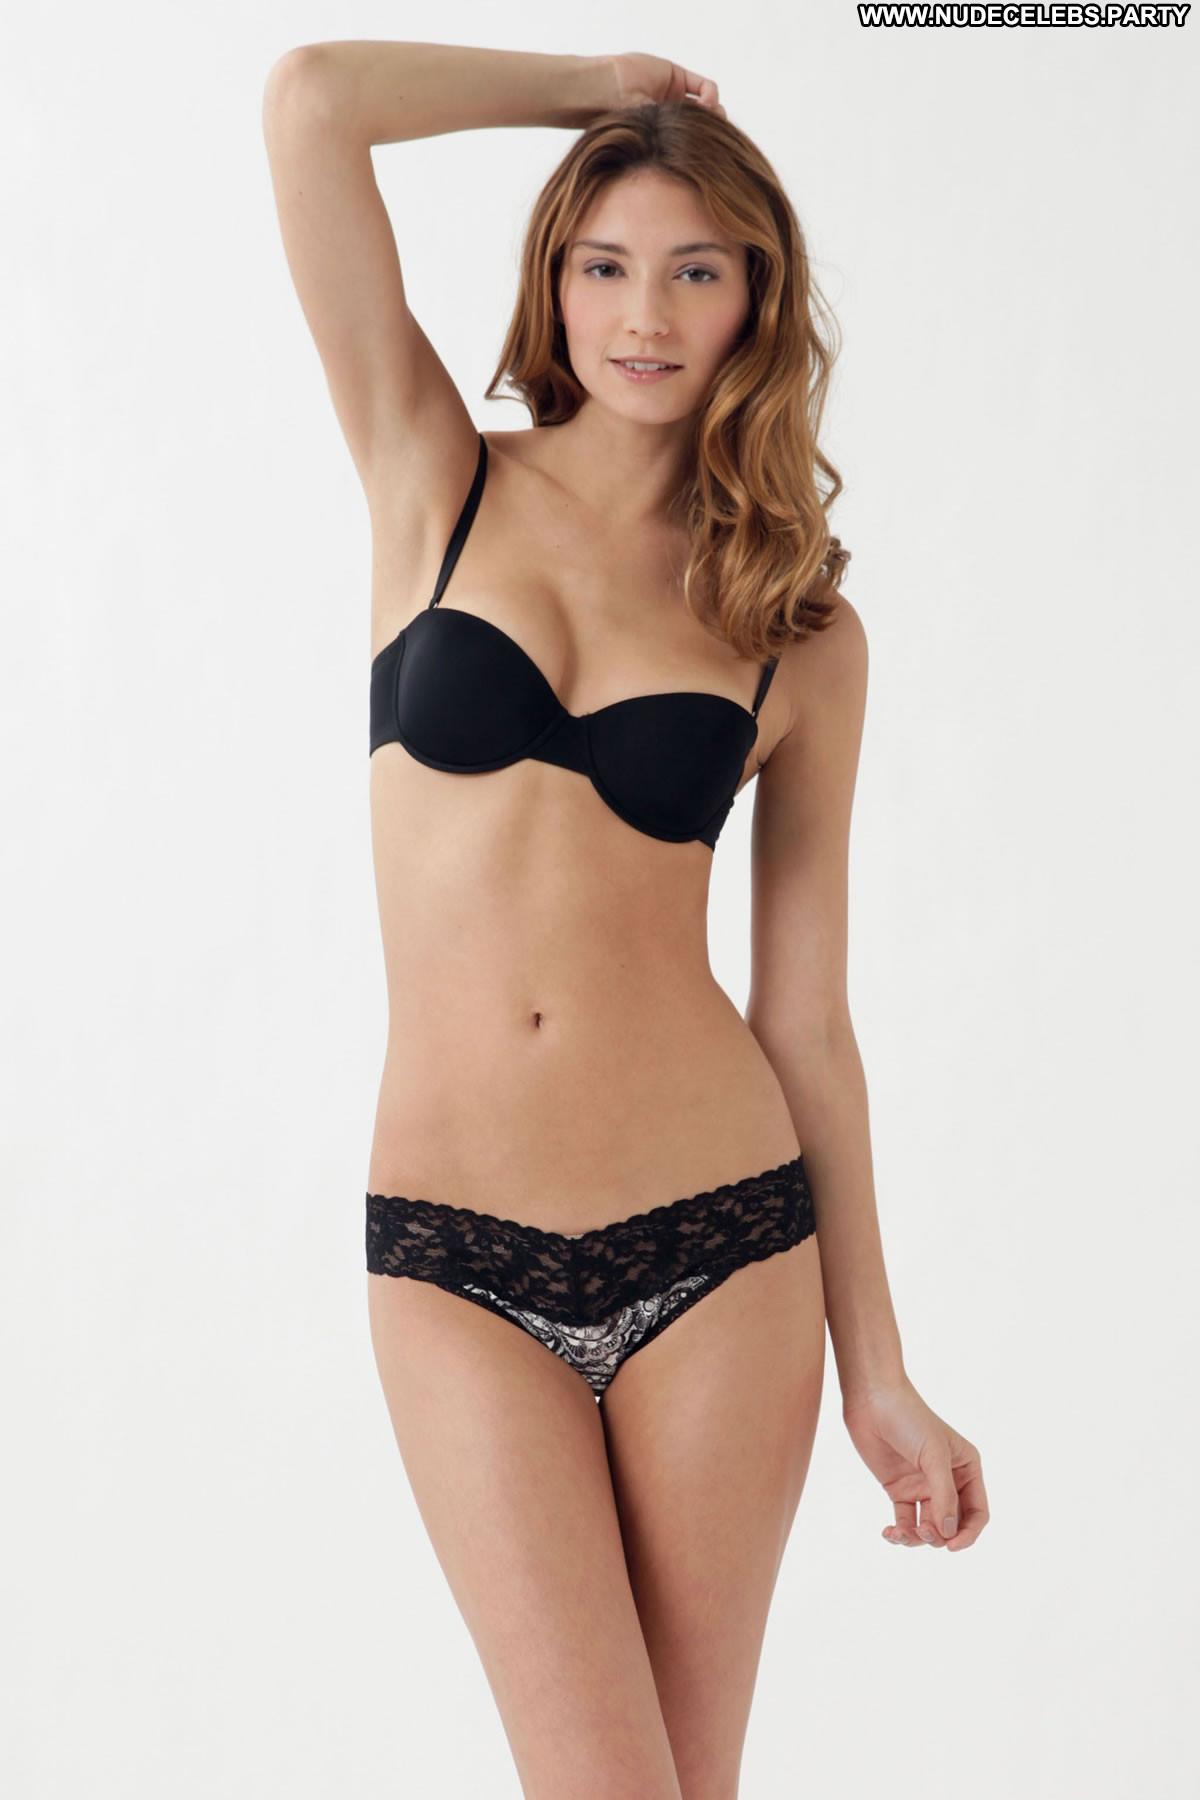 Supermodels supermodels forever lingerie bikini gallery — photo 7